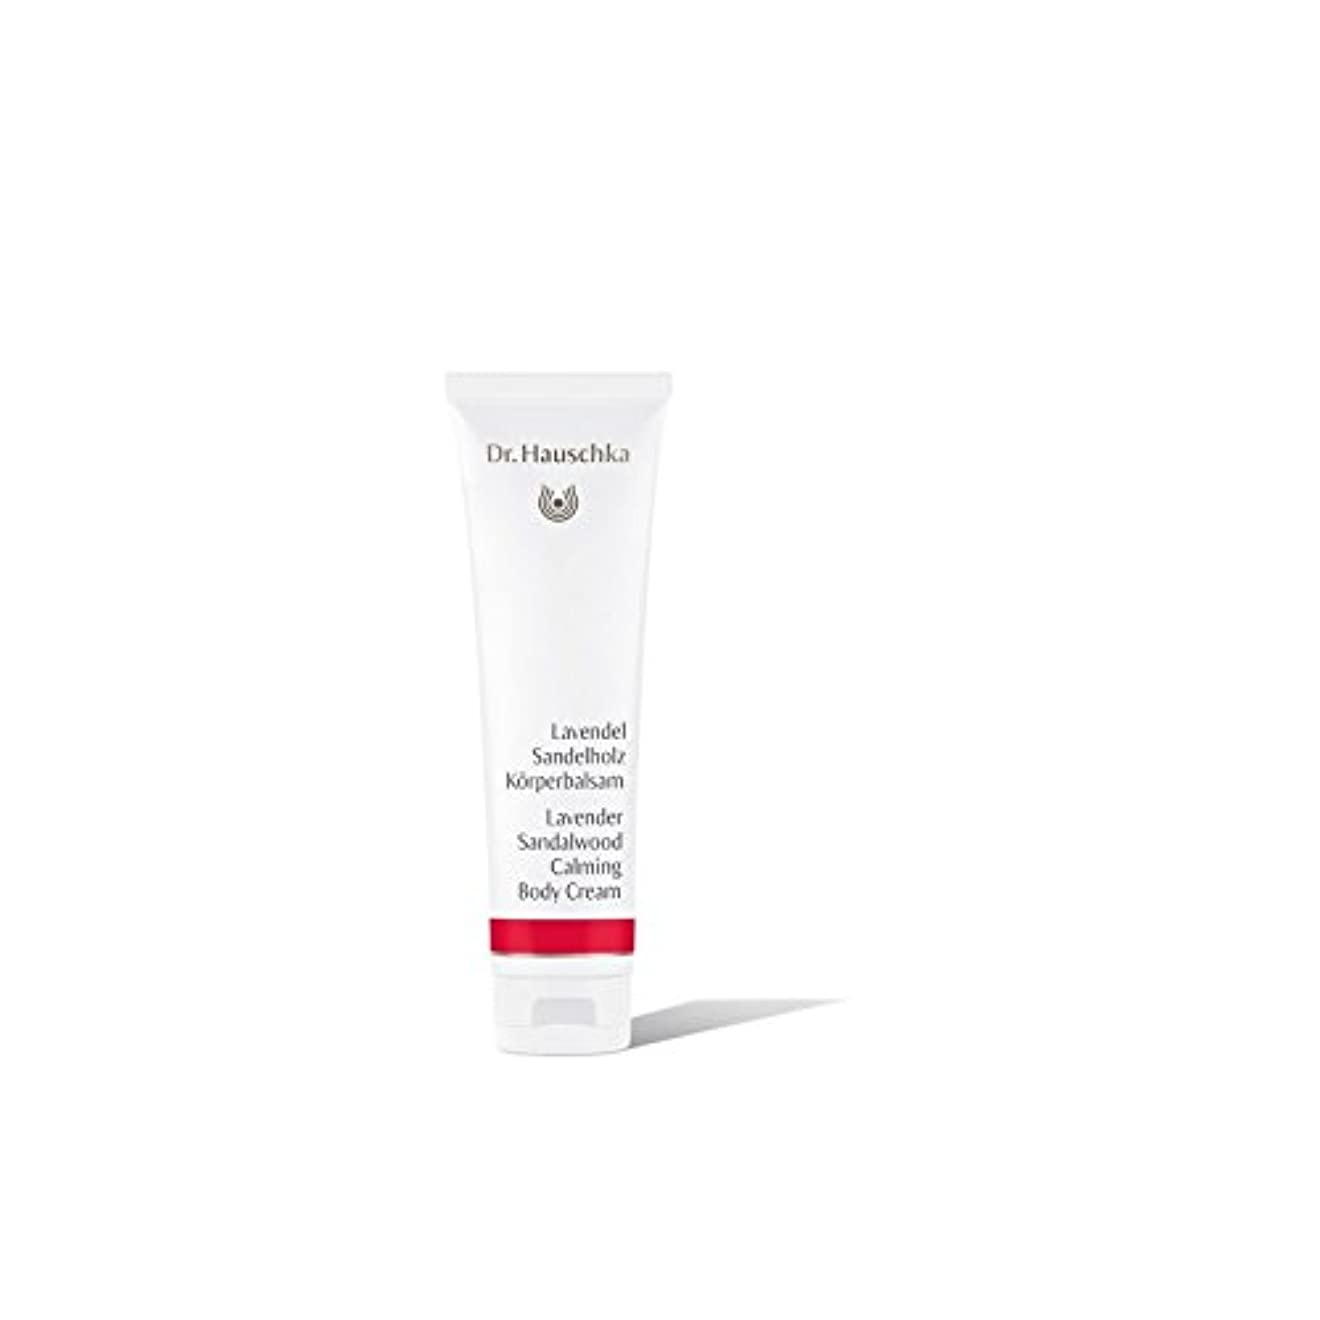 必要性日帰り旅行にしなければならないハウシュカラベンダー白檀心を落ち着かせるボディクリーム(145ミリリットル) x4 - Dr. Hauschka Lavender Sandalwood Calming Body Cream (145ml) (Pack...